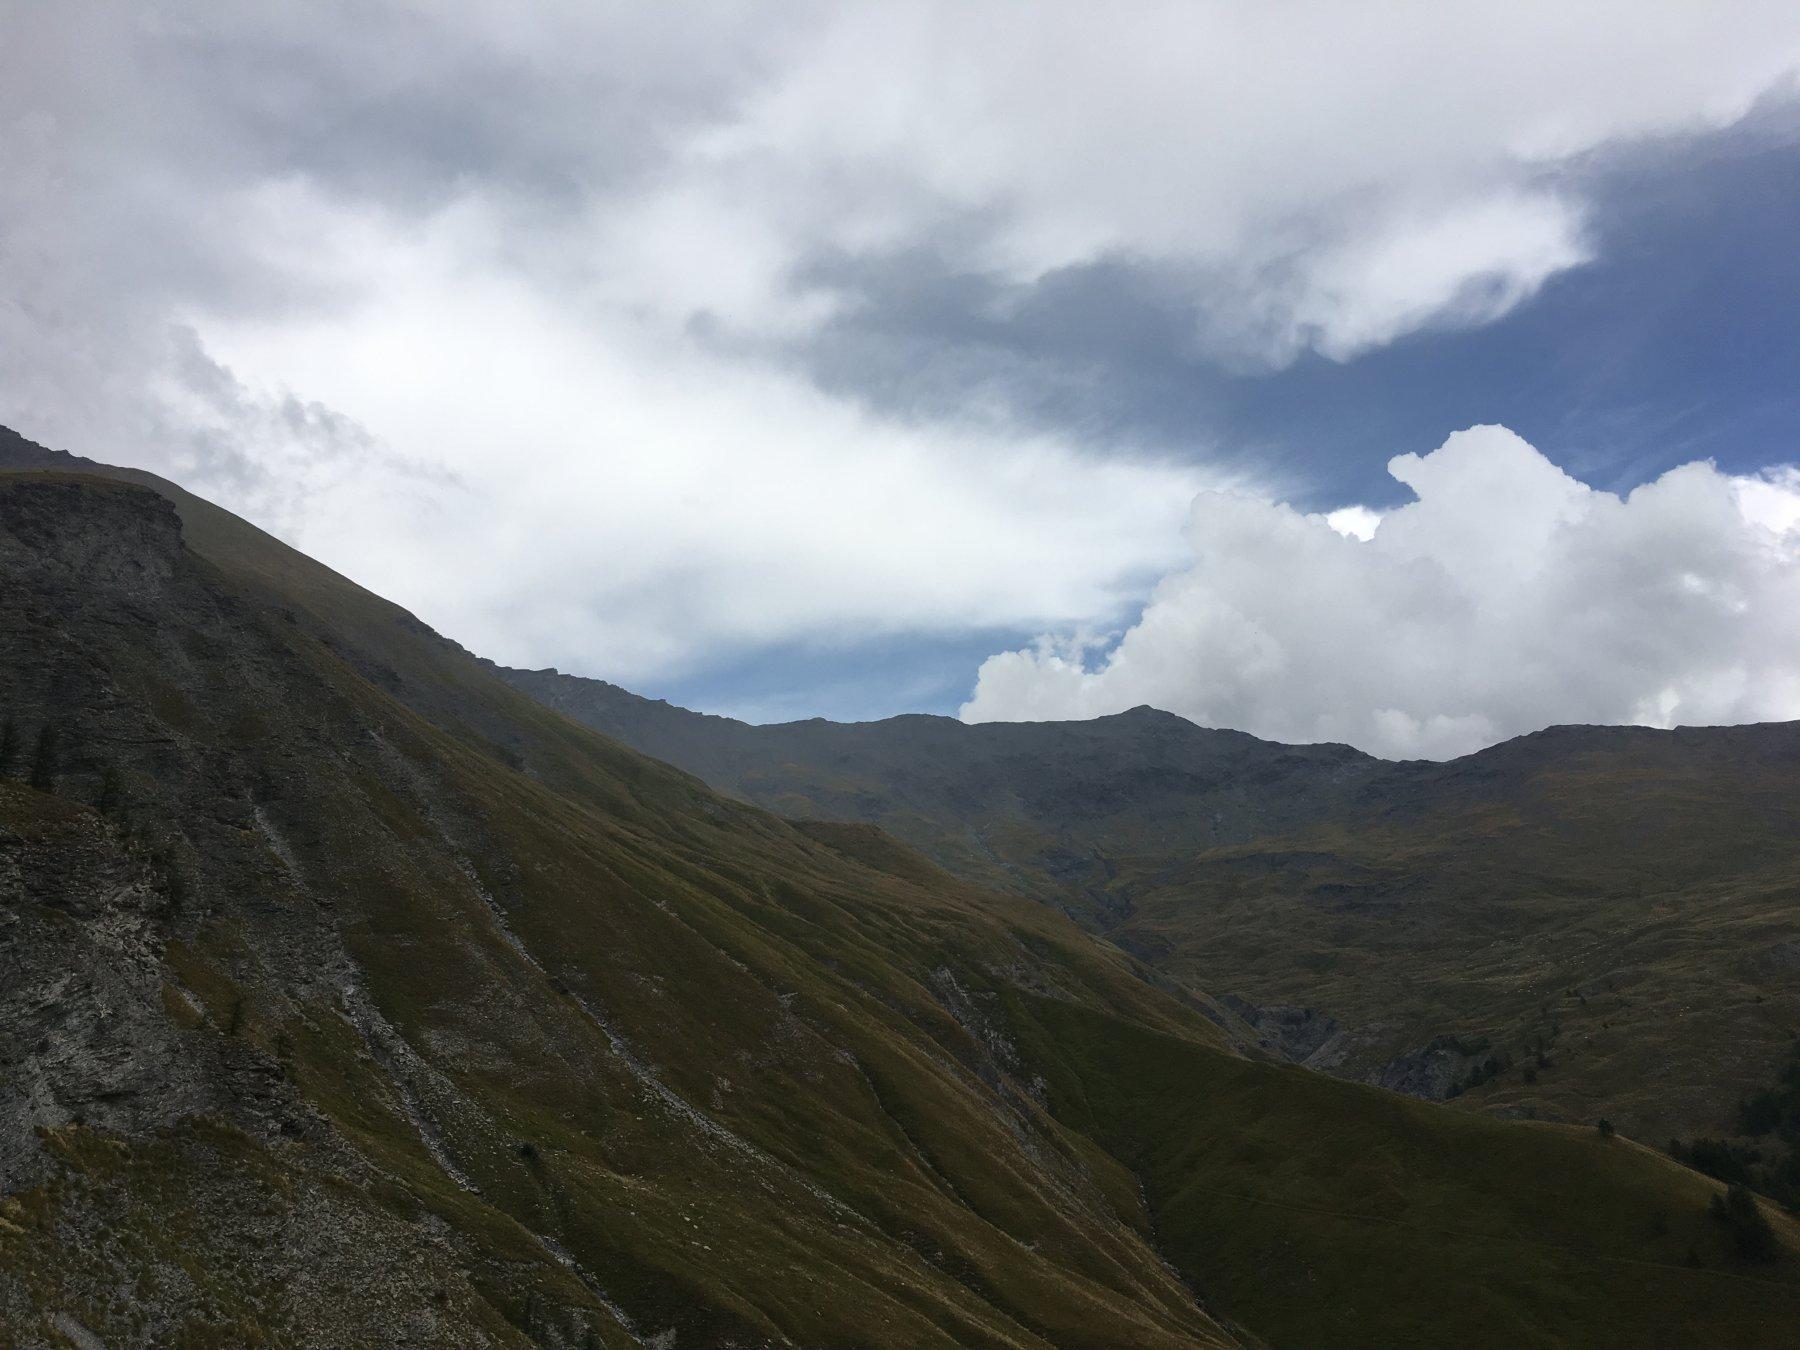 la cime du vallon in lontananza